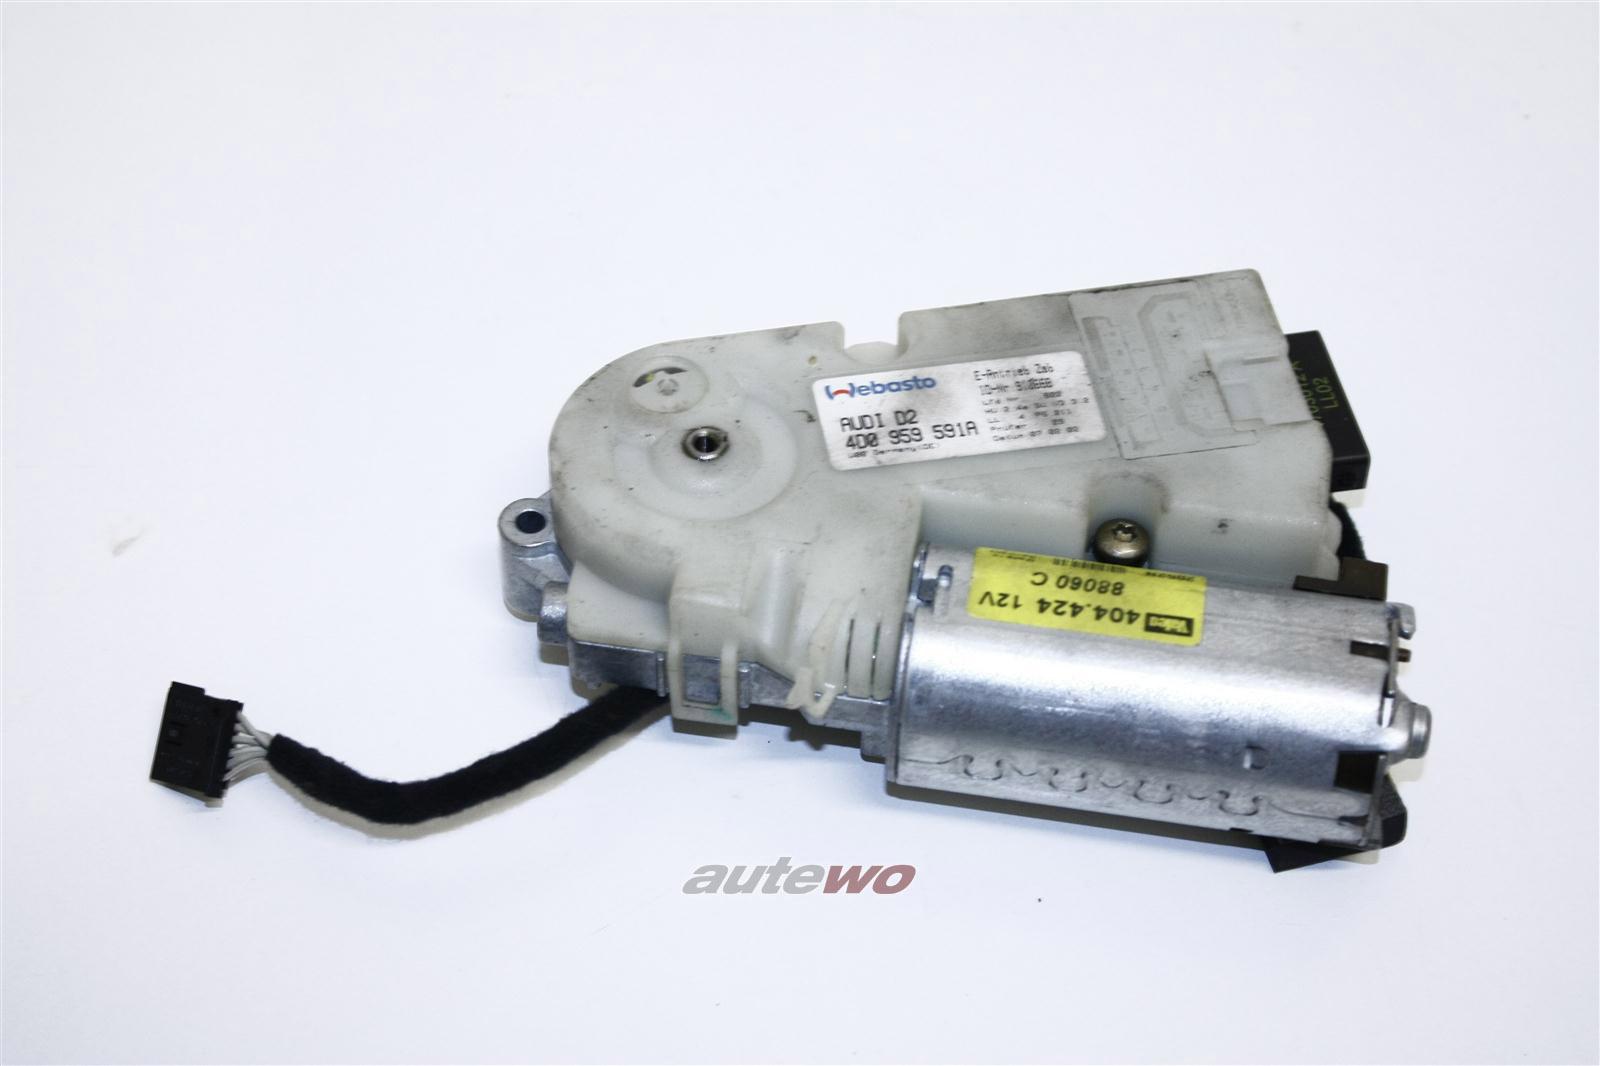 Audi A8 D2 Schiebedachmotor Vorwahlautomatik 4D0959591A